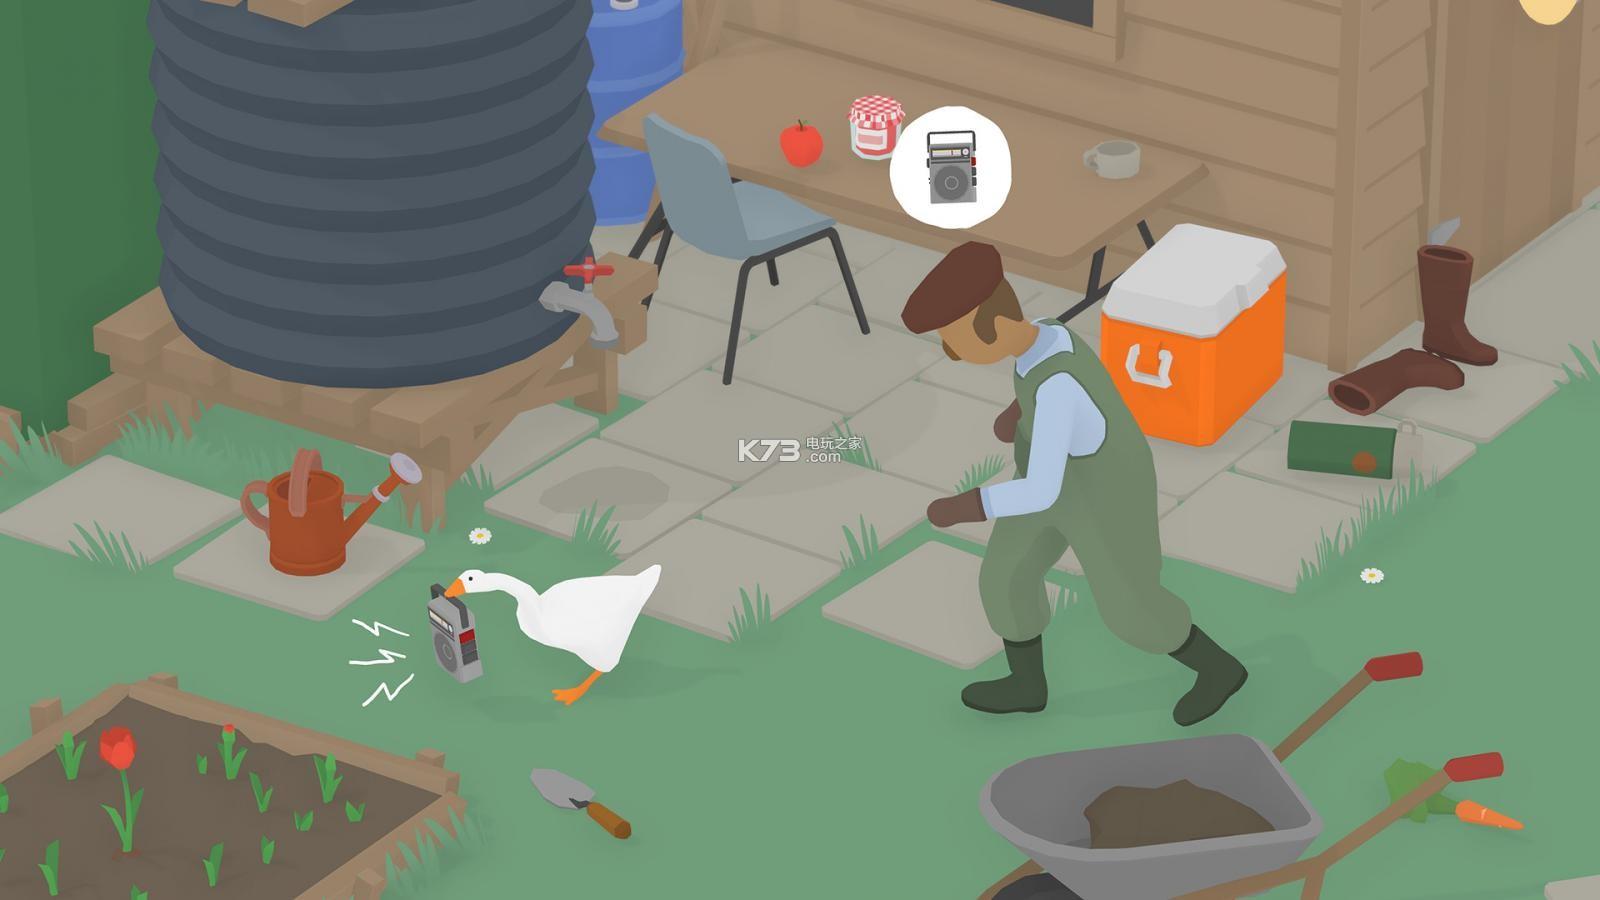 無名大鵝模擬 游戲下載 截圖